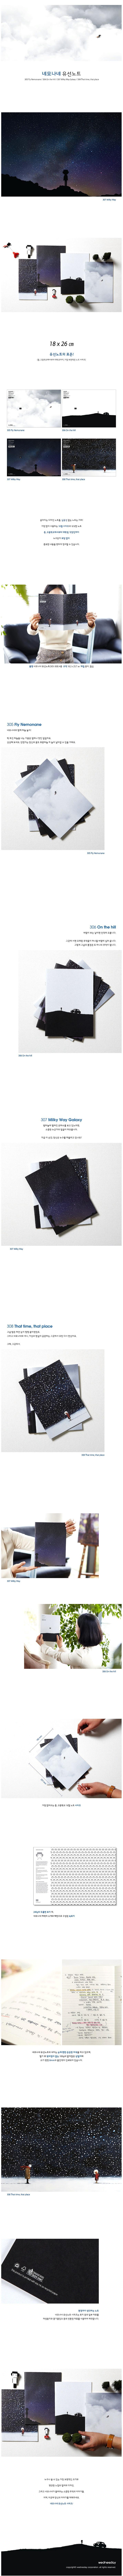 soy ink notebook stationery [soy ink stationery, soy ink printing, soy ink notebooks]